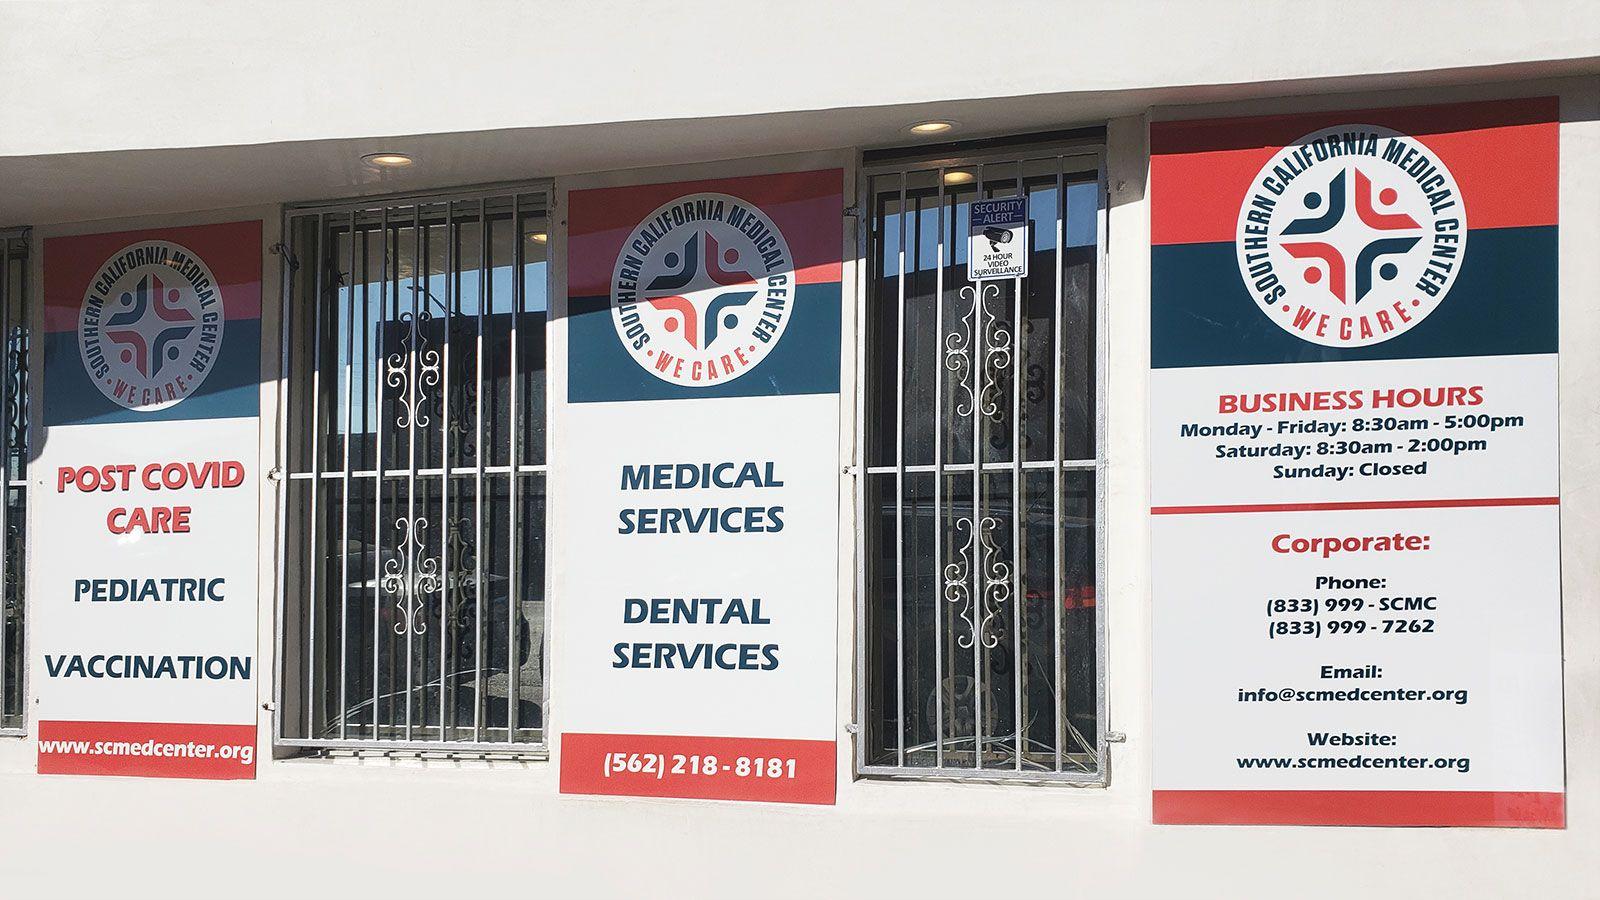 Medical center storefront signs